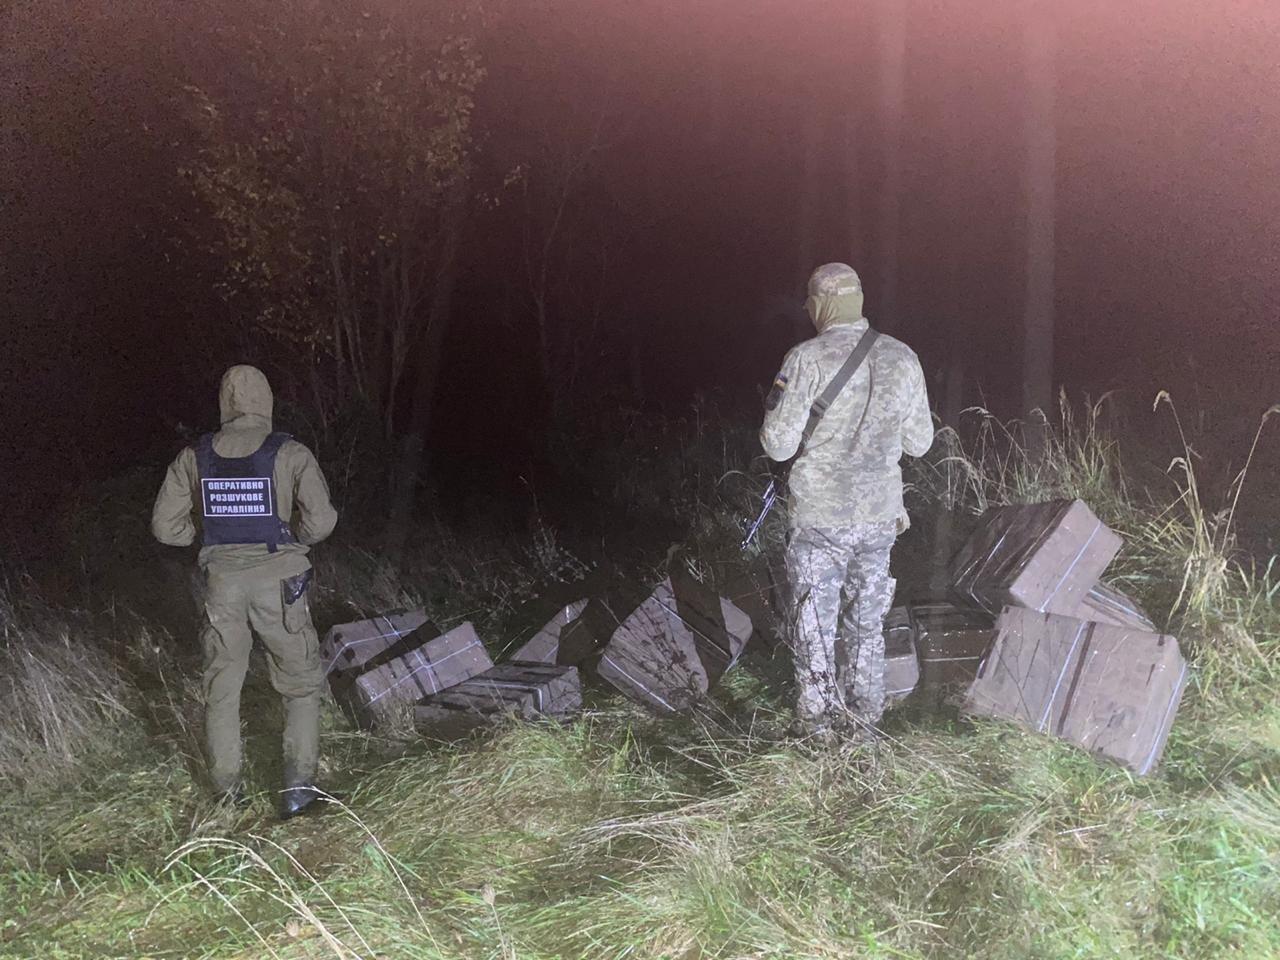 Зловмисники планували доправити до сусідньої Румунії 12 пакунків із 6000 пачок безакцизних сигарет.